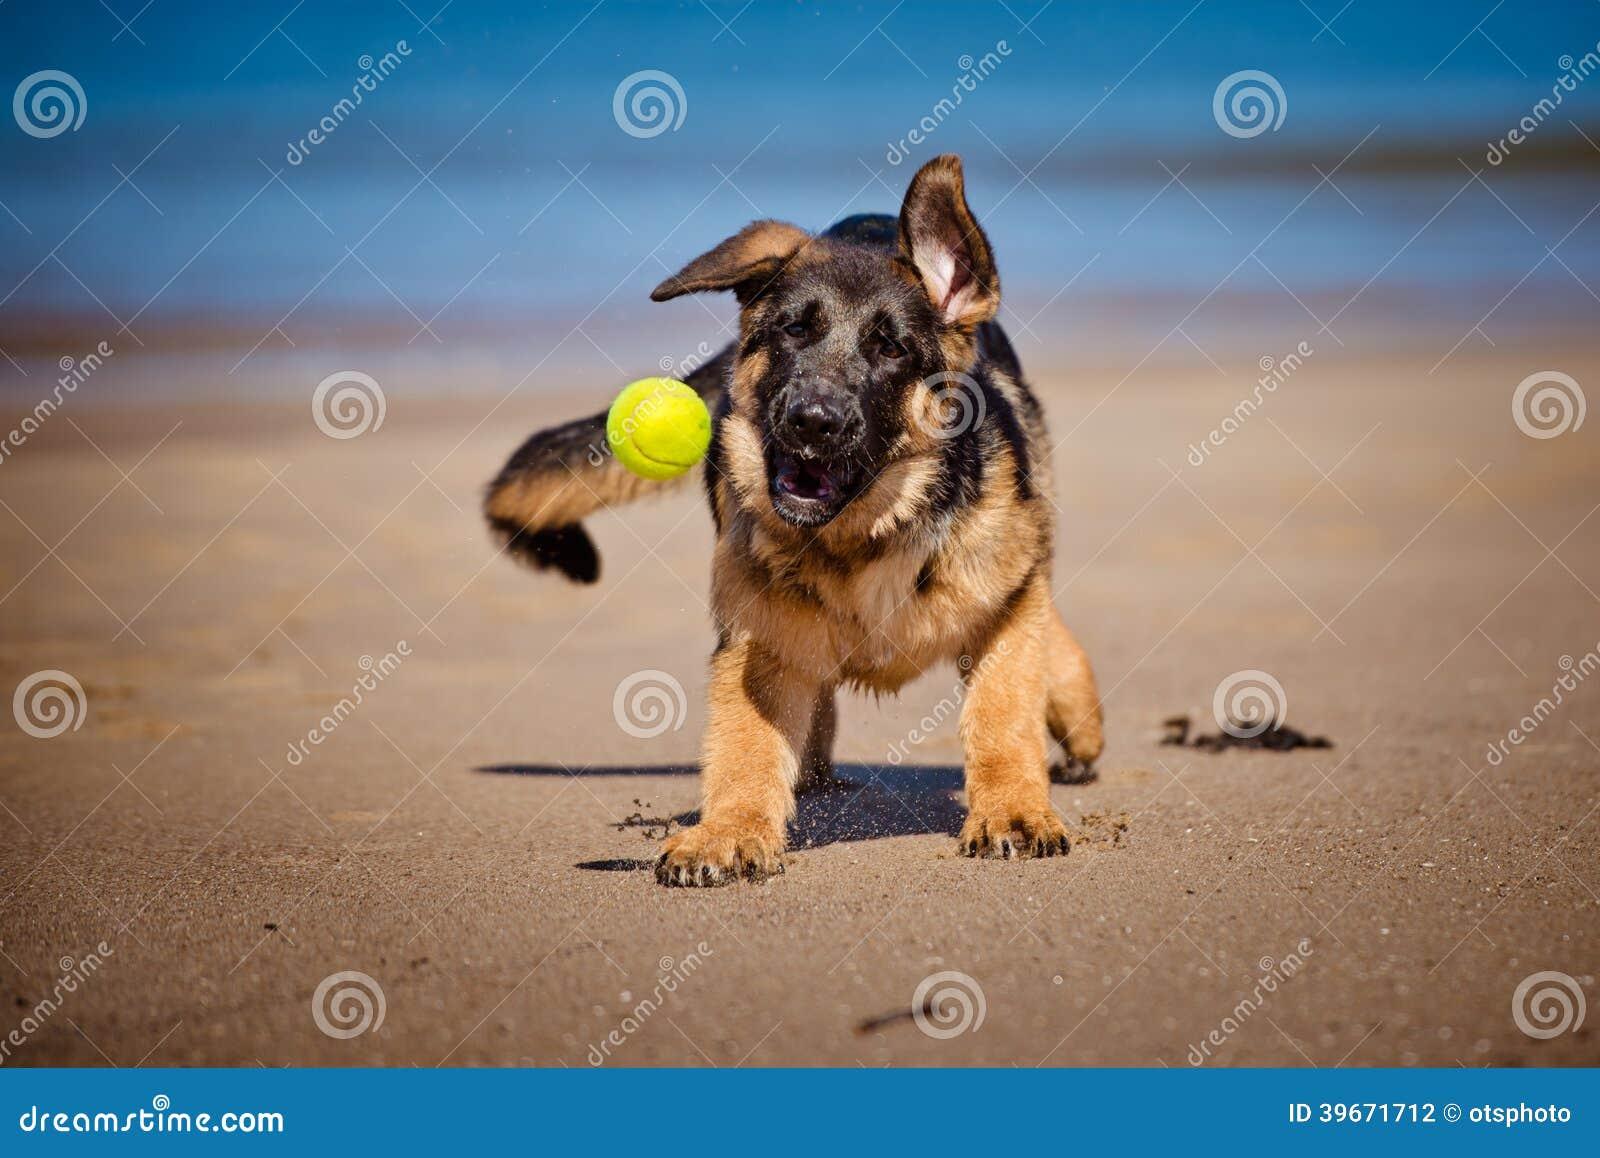 Cucciolo Del Pastore Tedesco Sulla Spiaggia Fotografia Stock